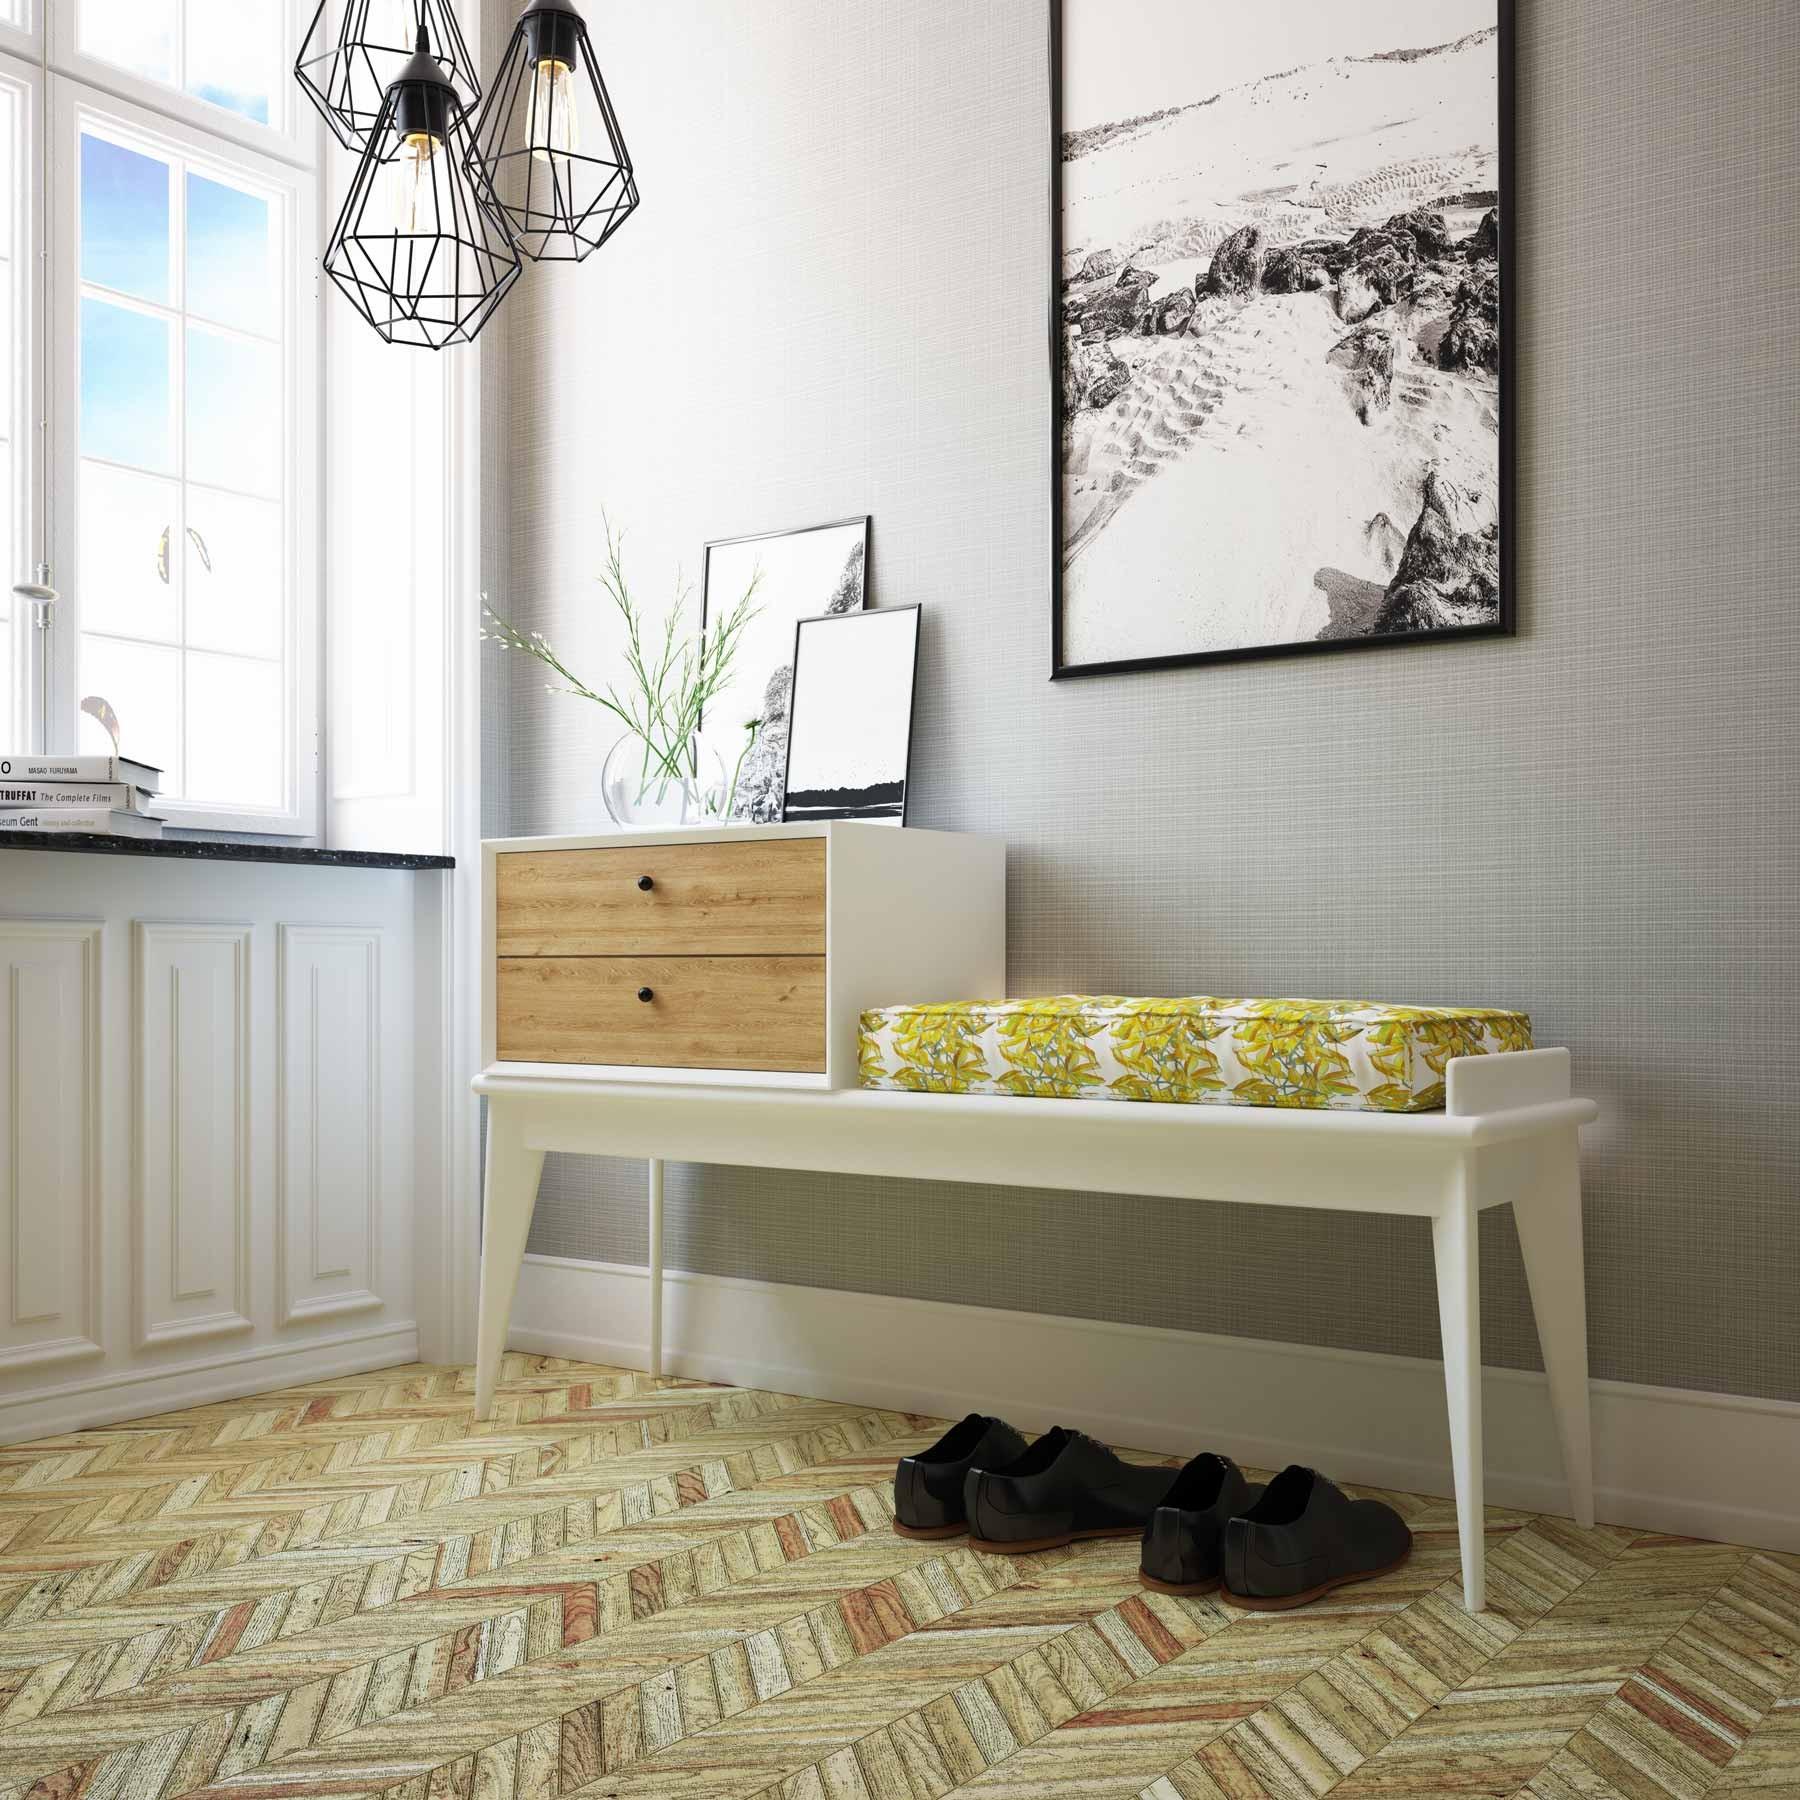 Muebles Recibidores De Diseo Muebles Zaragoza Iluminacin Y  # Muebles Gimenez Recibidores